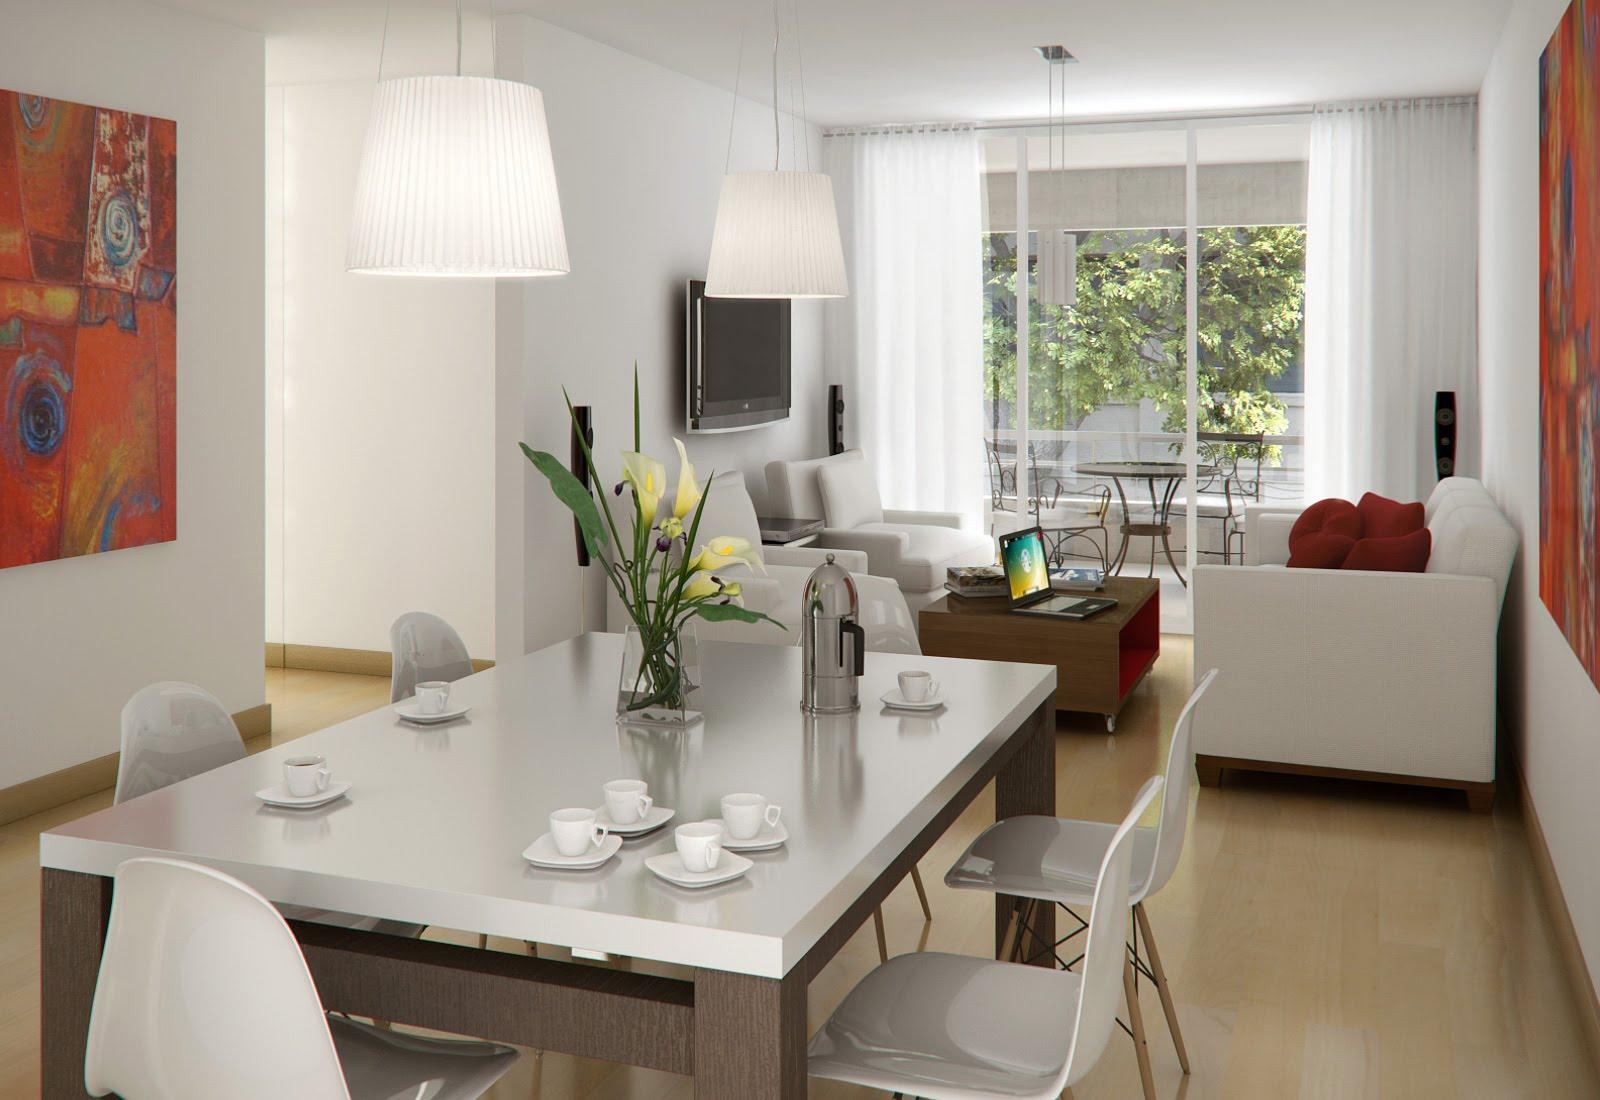 Claudio gabriel escobar 3d 2d arquitectura y render for Cocina de comedor